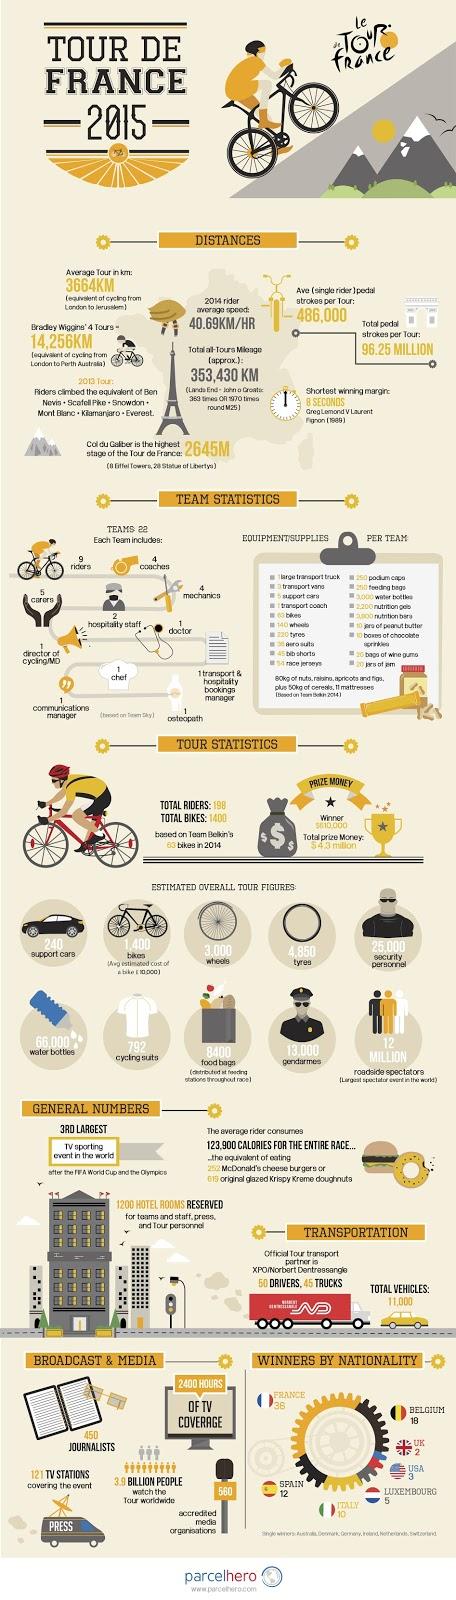 Infographic Tour de France